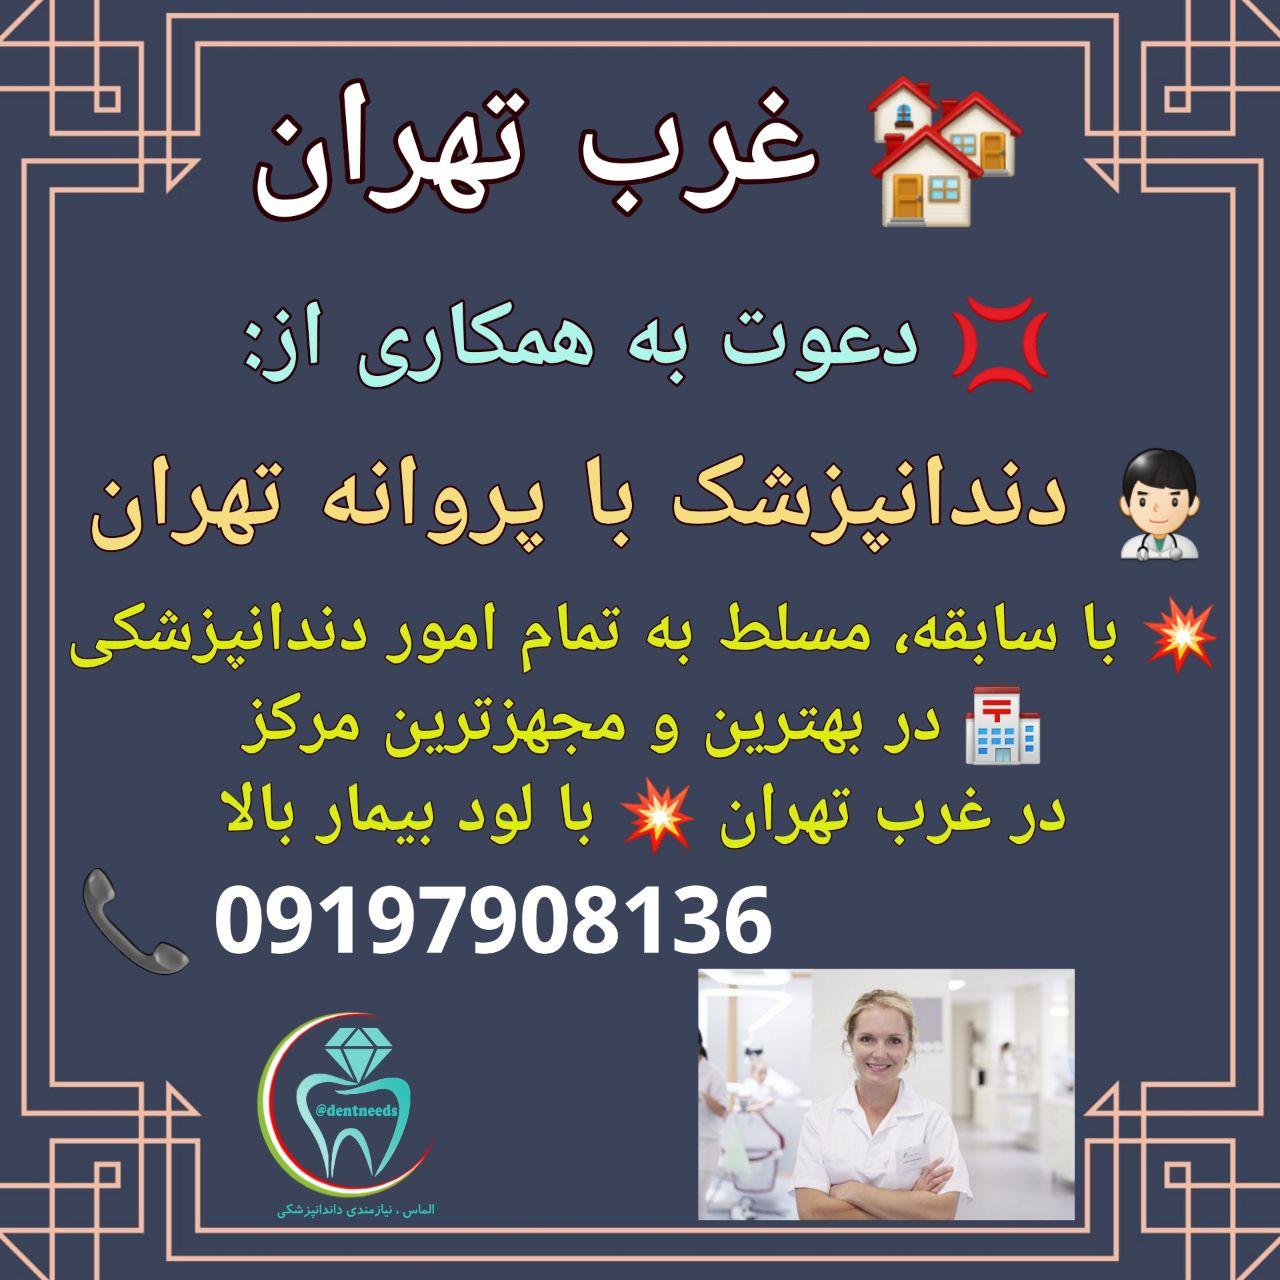 غرب تهران، دعوت به همکاری از دندانپزشک با پروانه تهران